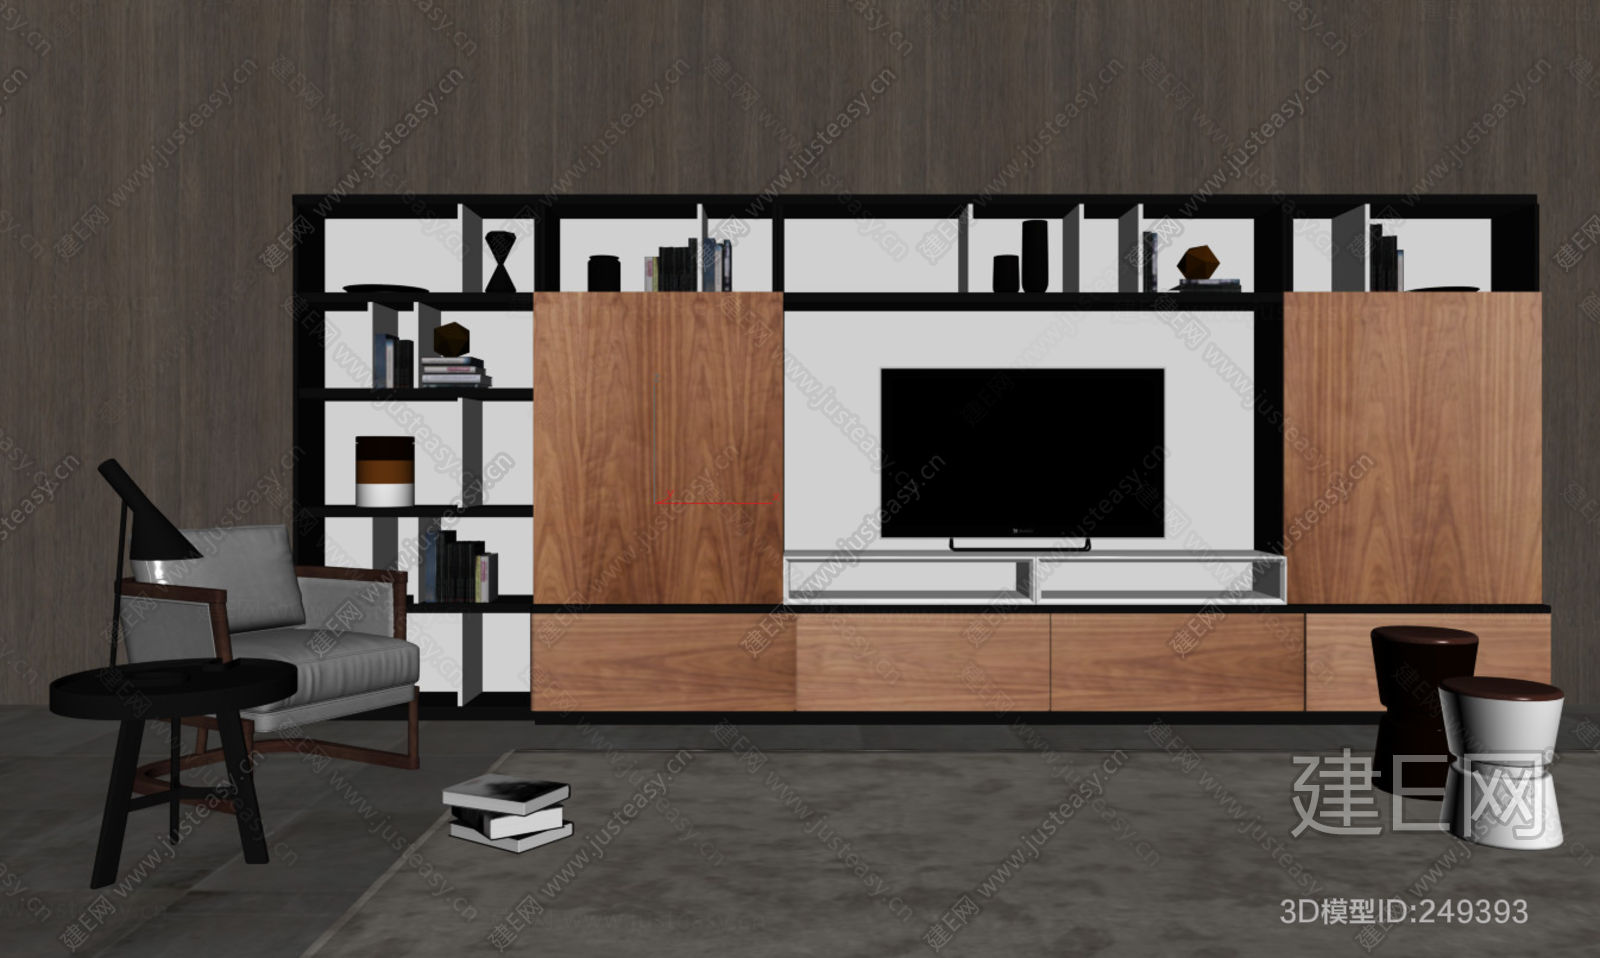 hc28新中式休闲椅电视柜3d模型